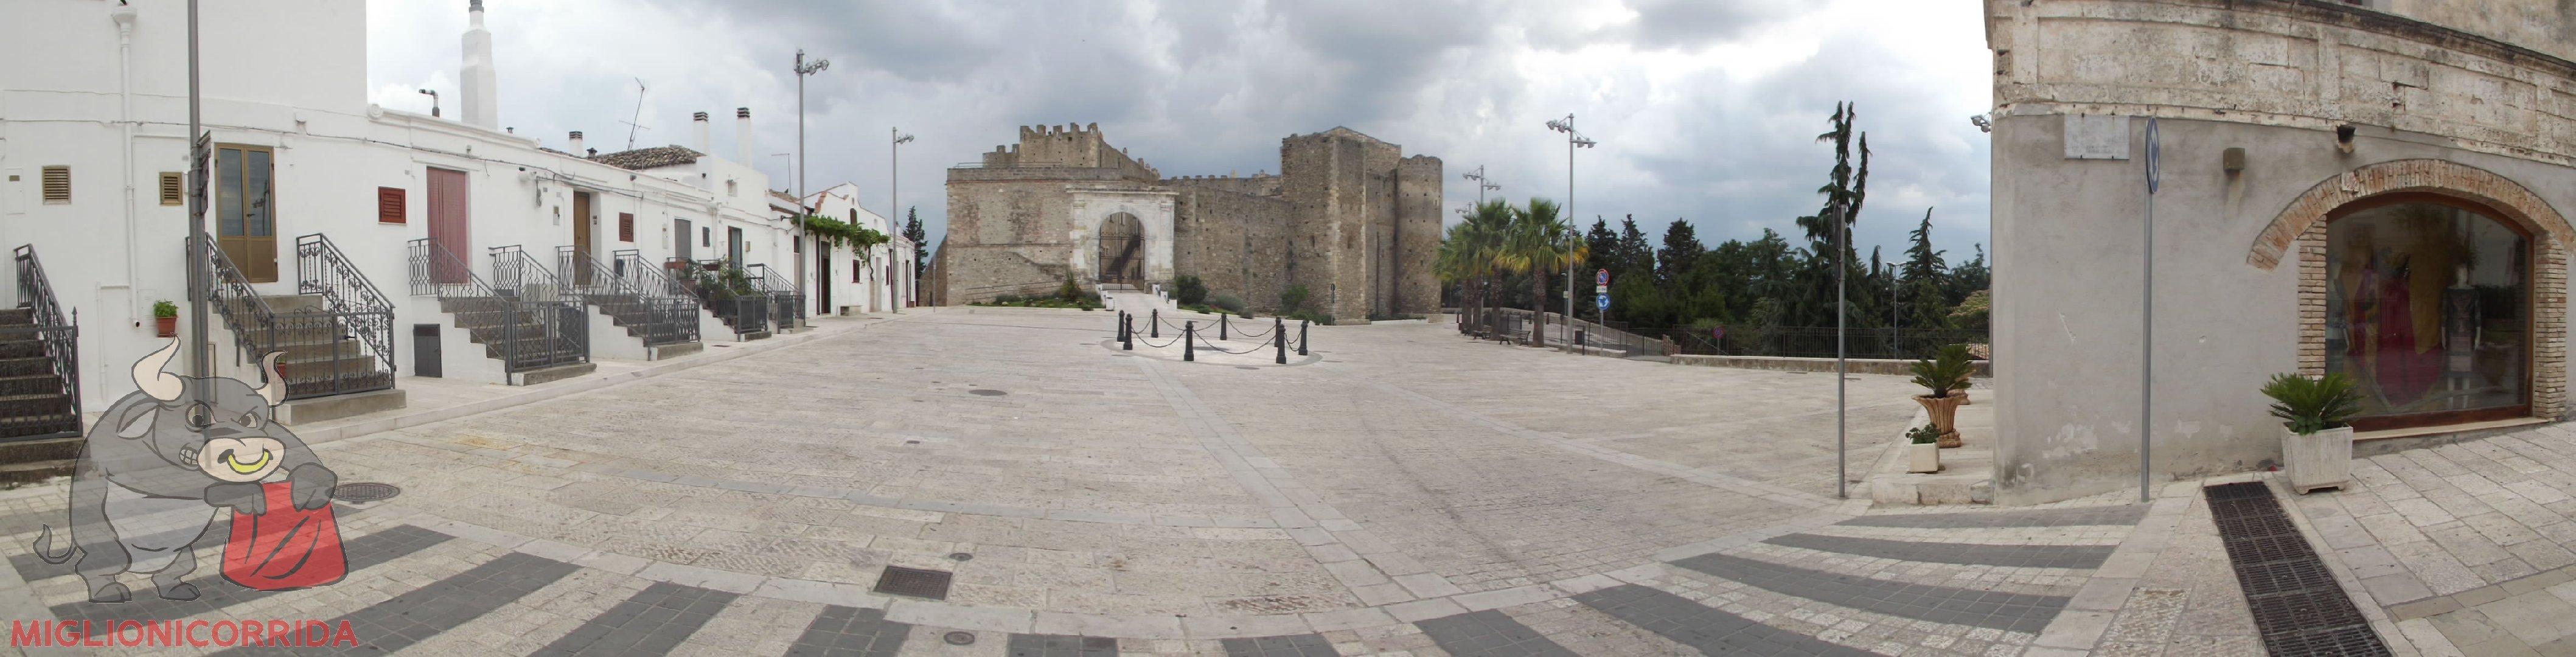 Piazza Castello ospita anche la SETTIMA EDIZIONE della MIGLIONICORRIDA 2013 - PIAZZA CASTELLO  a MIGLIONICO (MT) il 9 AGOSTO 2013